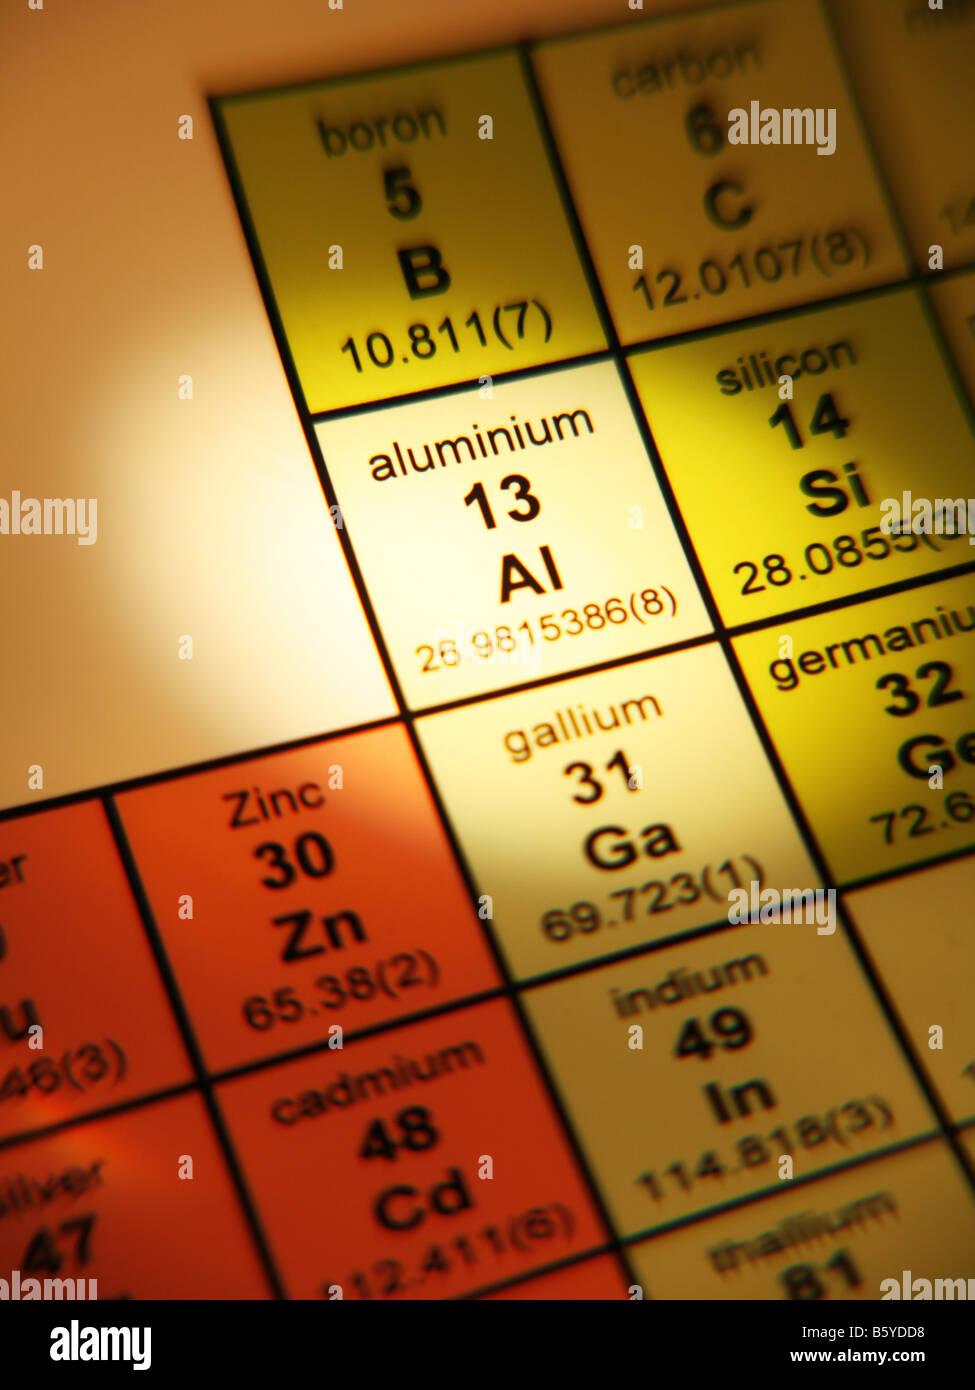 Aluminium Aluminum Element Stock Photos Aluminium Aluminum Element